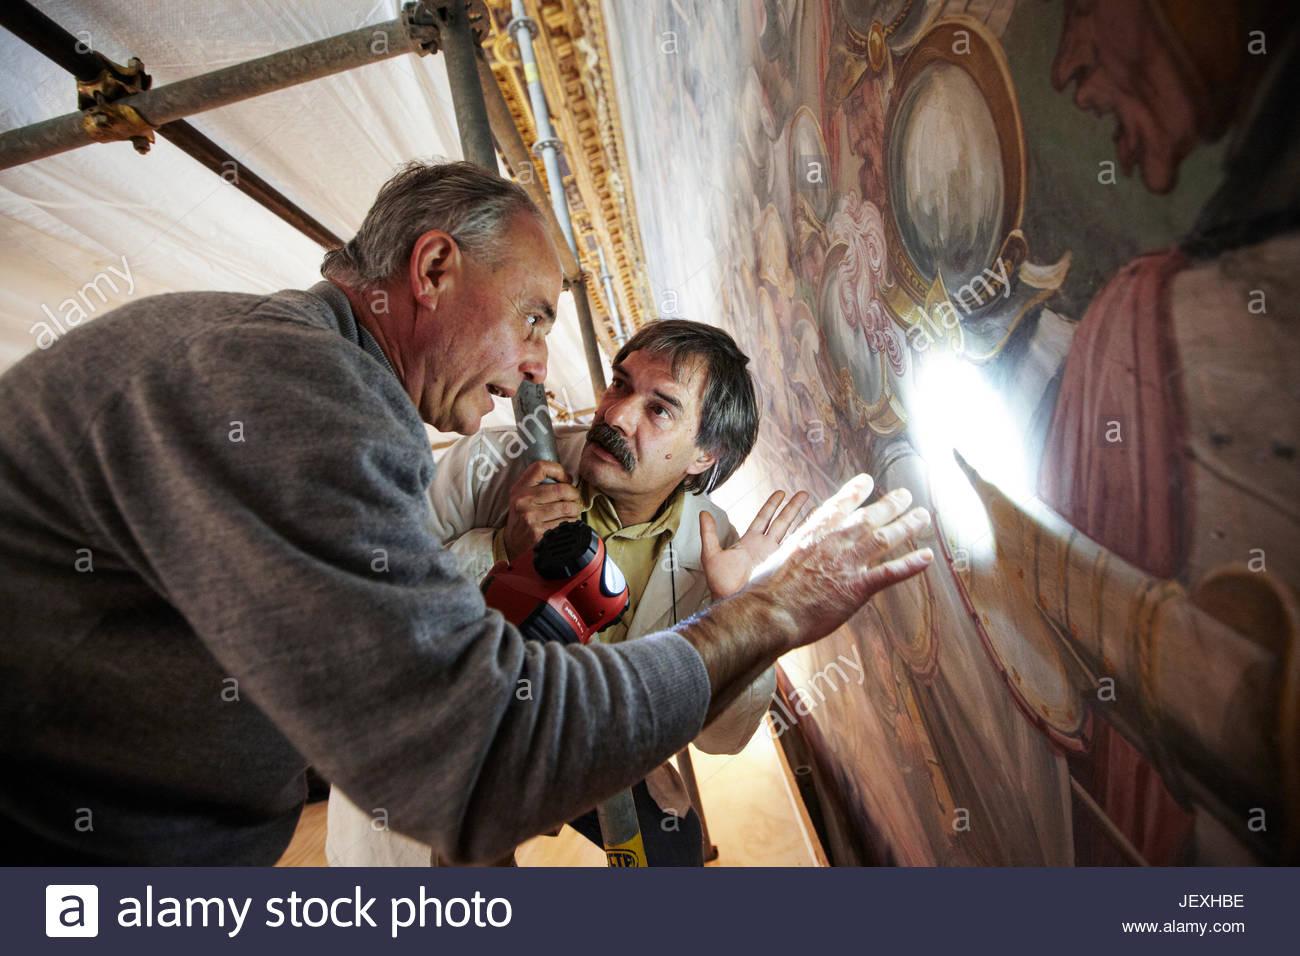 Restauratoren aus der Opificio Delle Pietre Dure bereiten Teile des Wandbildes Giorgio Vasari, die Restaurierung Stockbild